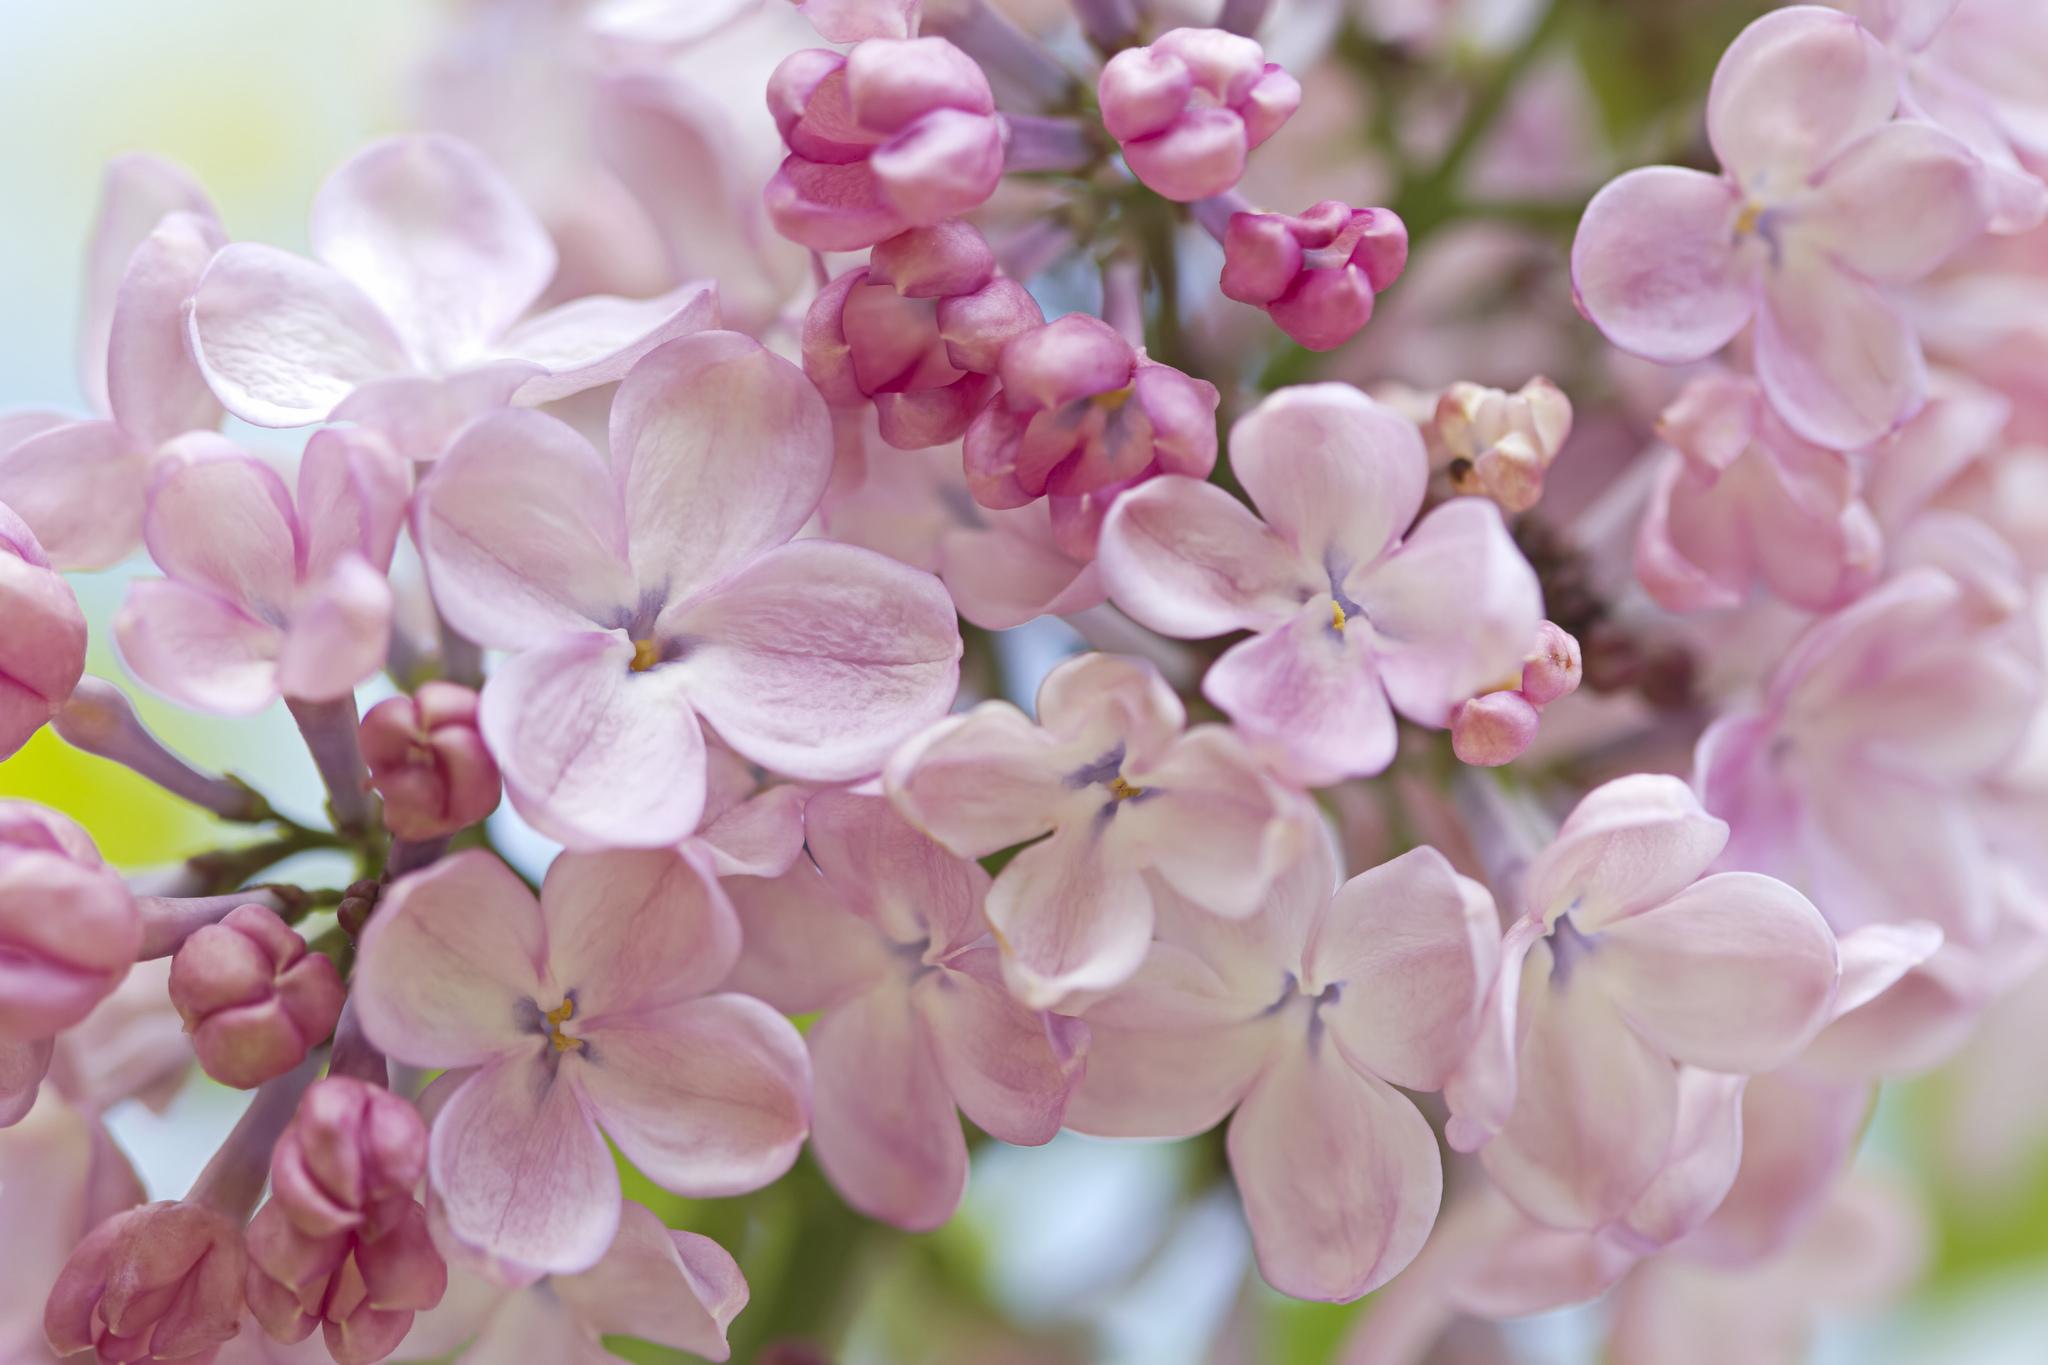 Сирень белая розовая сиреневая  № 3065878 без смс